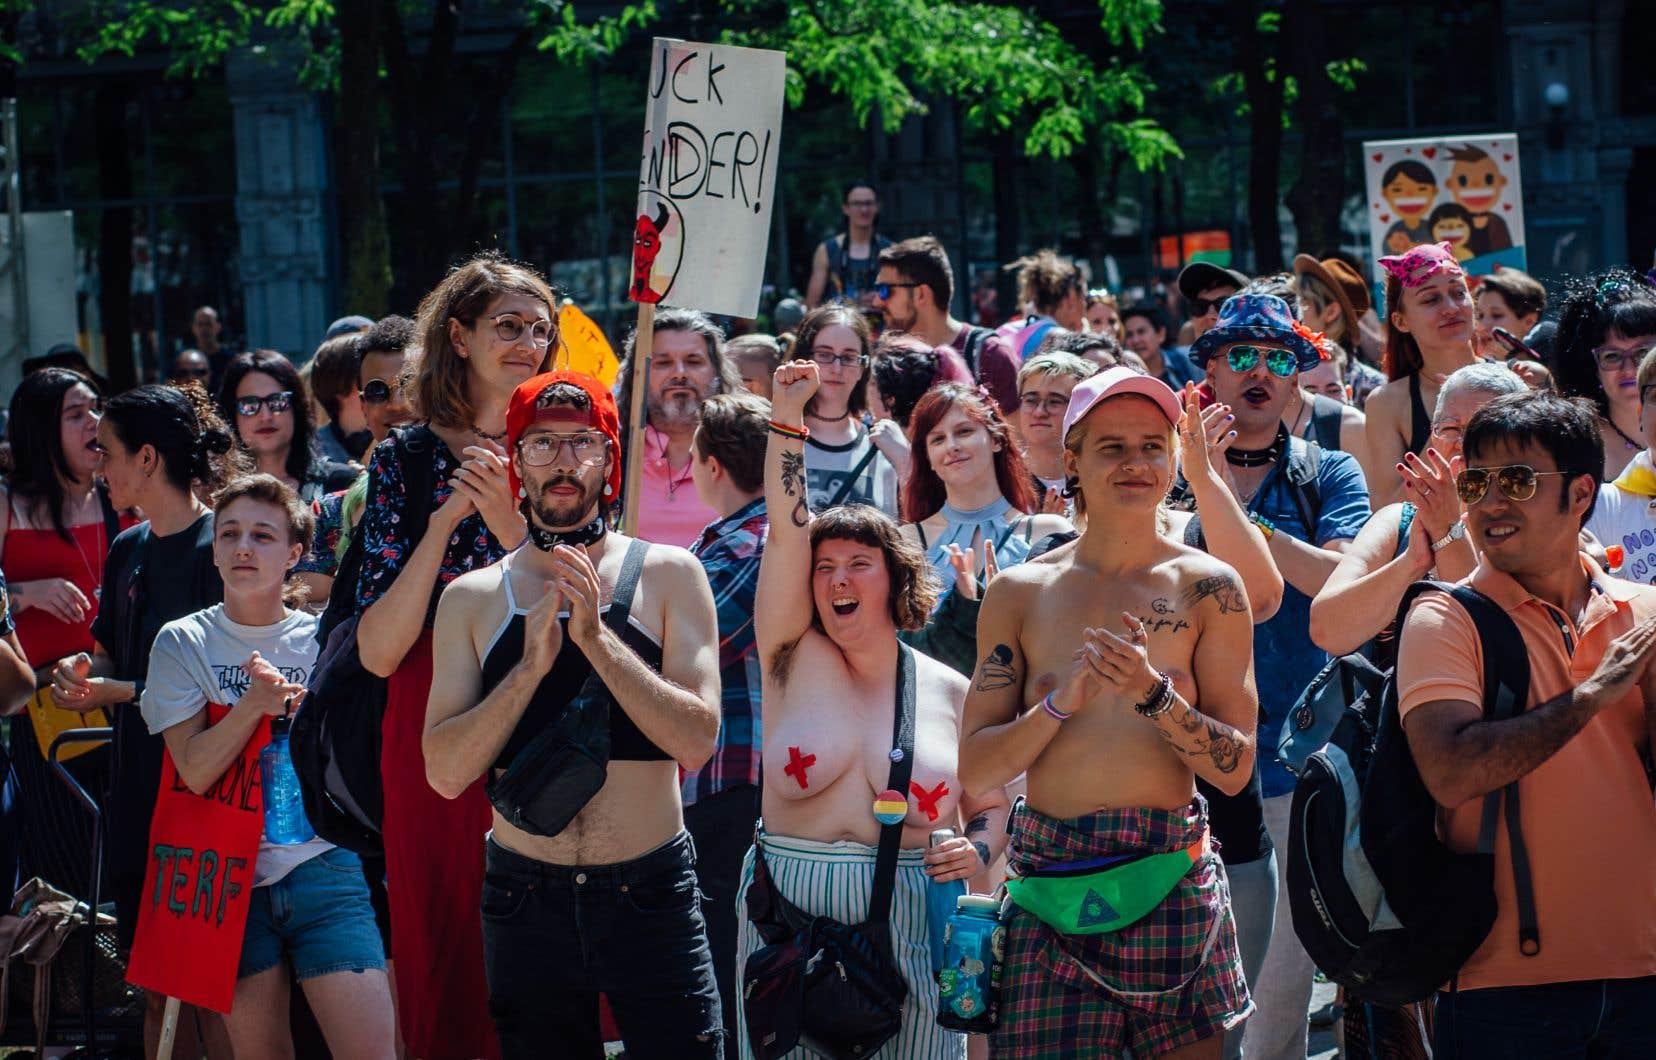 Des manifestants lors de la 6e Marche pour les droits des personnes trans, au centre-ville de Montréal, en août 2019. Pandémie oblige, l'évènement n'a pas eu lieu l'année dernière.